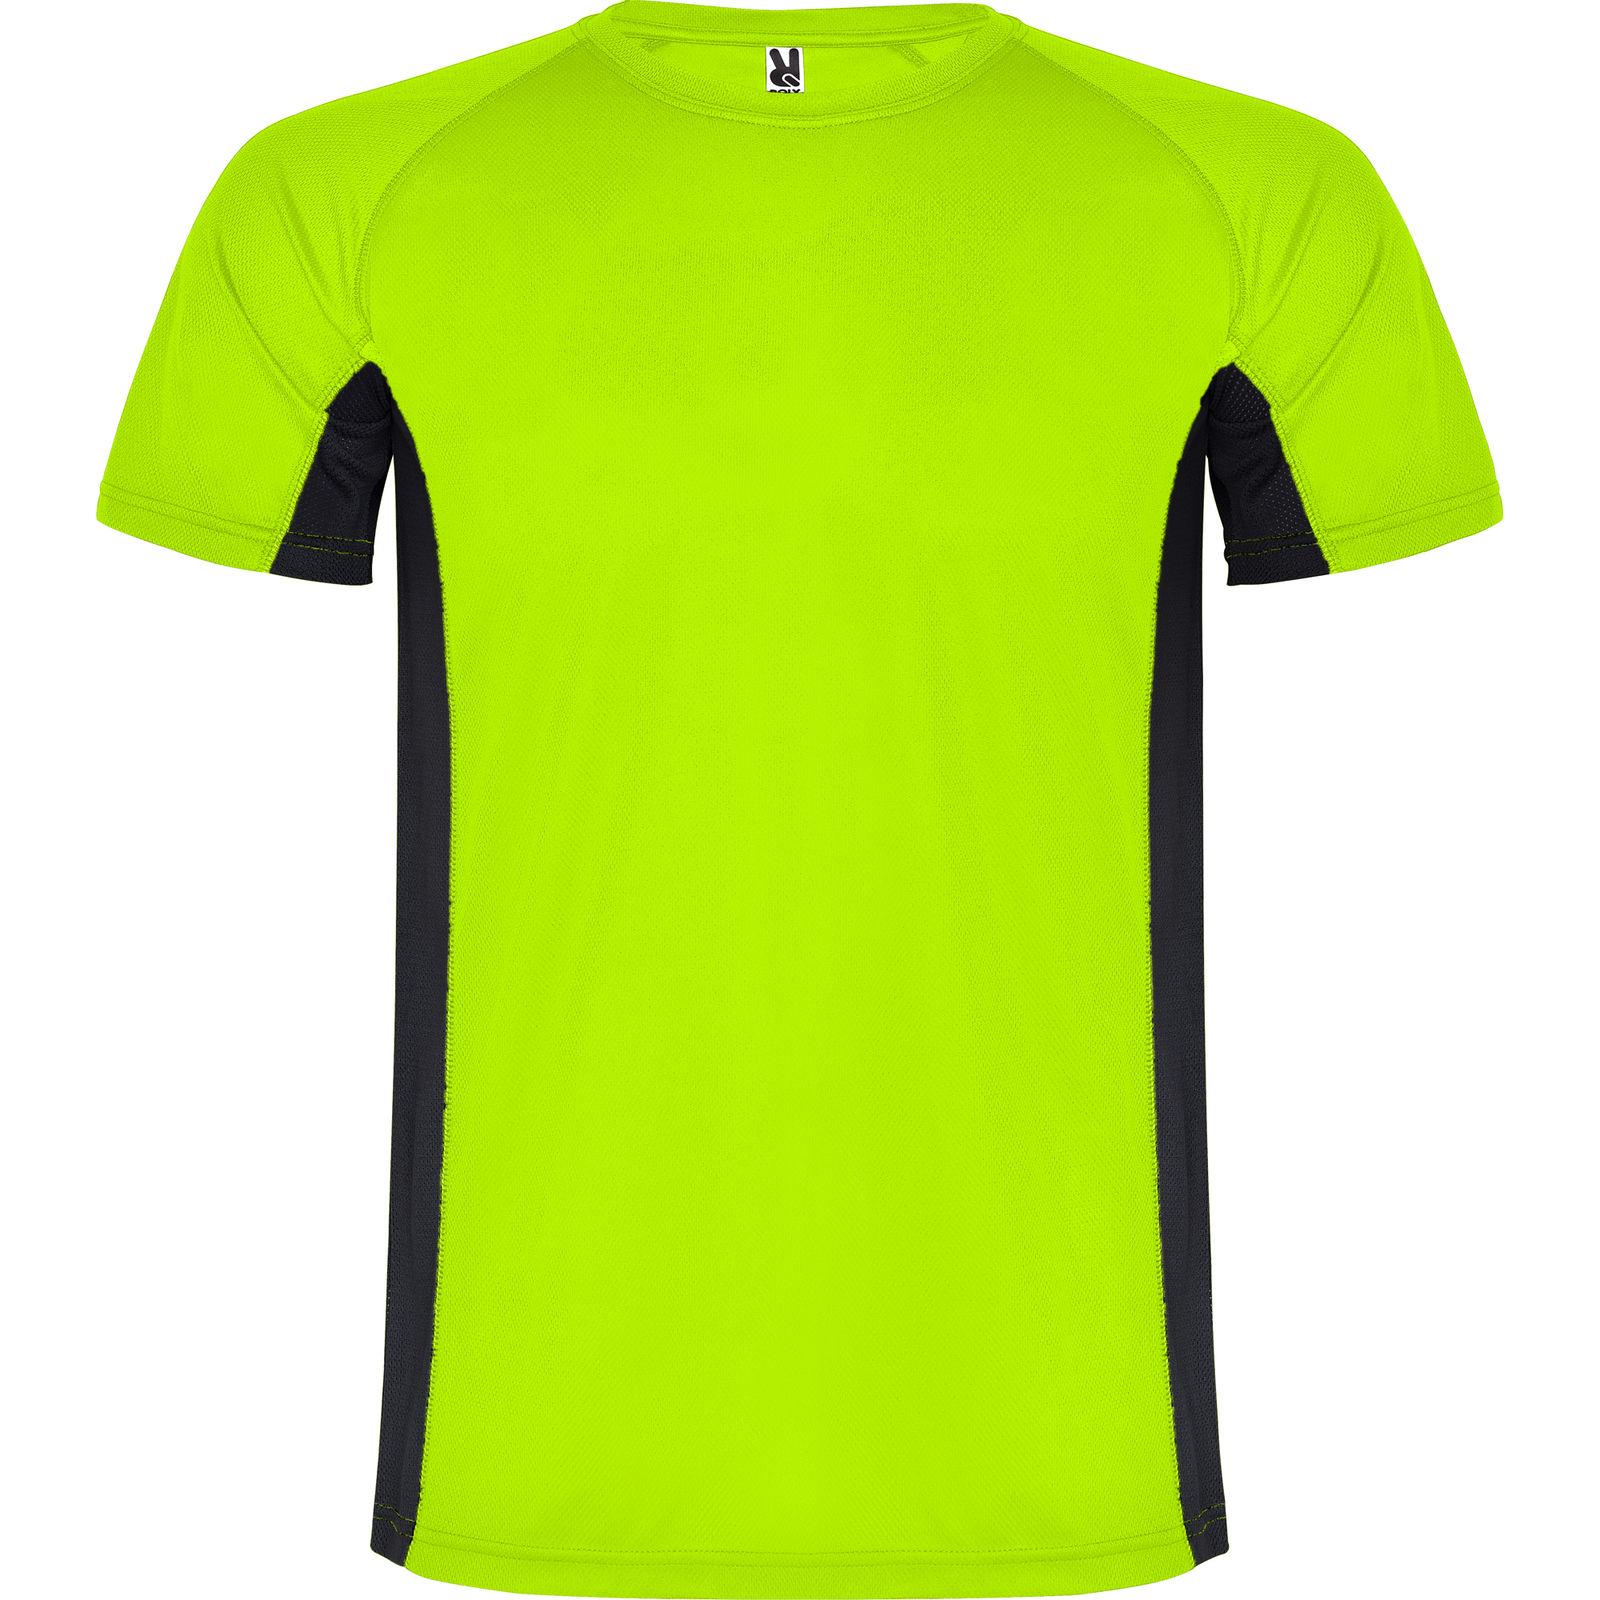 T shirt Sport Publicitaire | Shanghai | T shirts